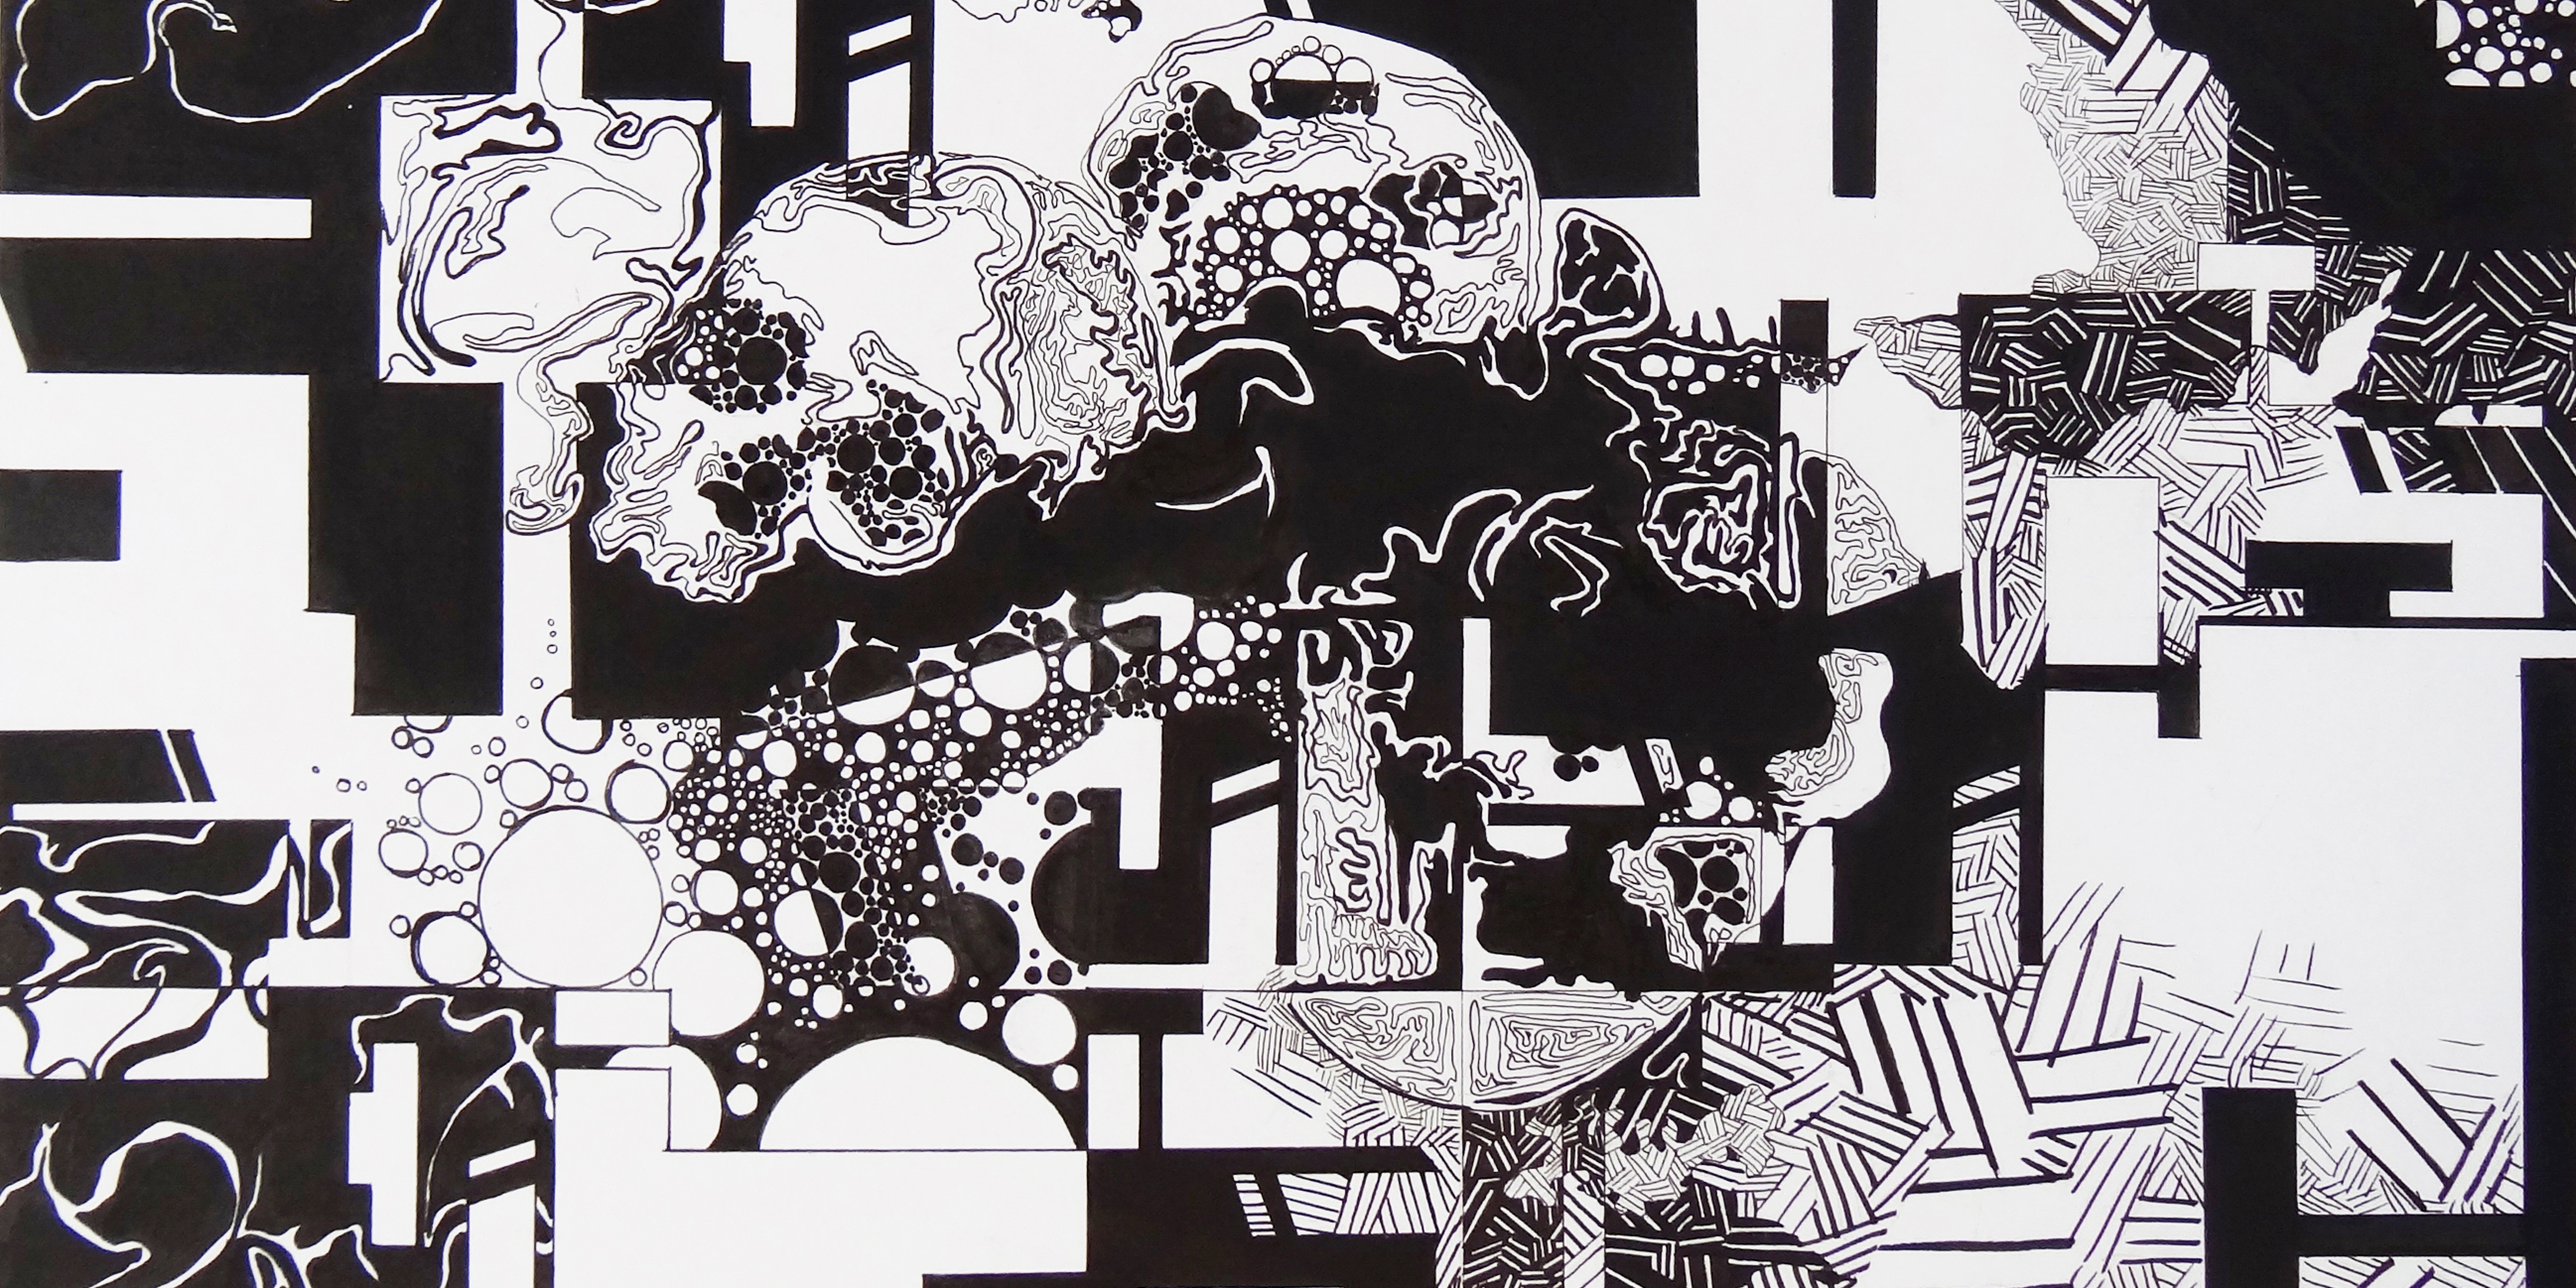 Line Art Media Design : Design i westphal college of media arts drexel university